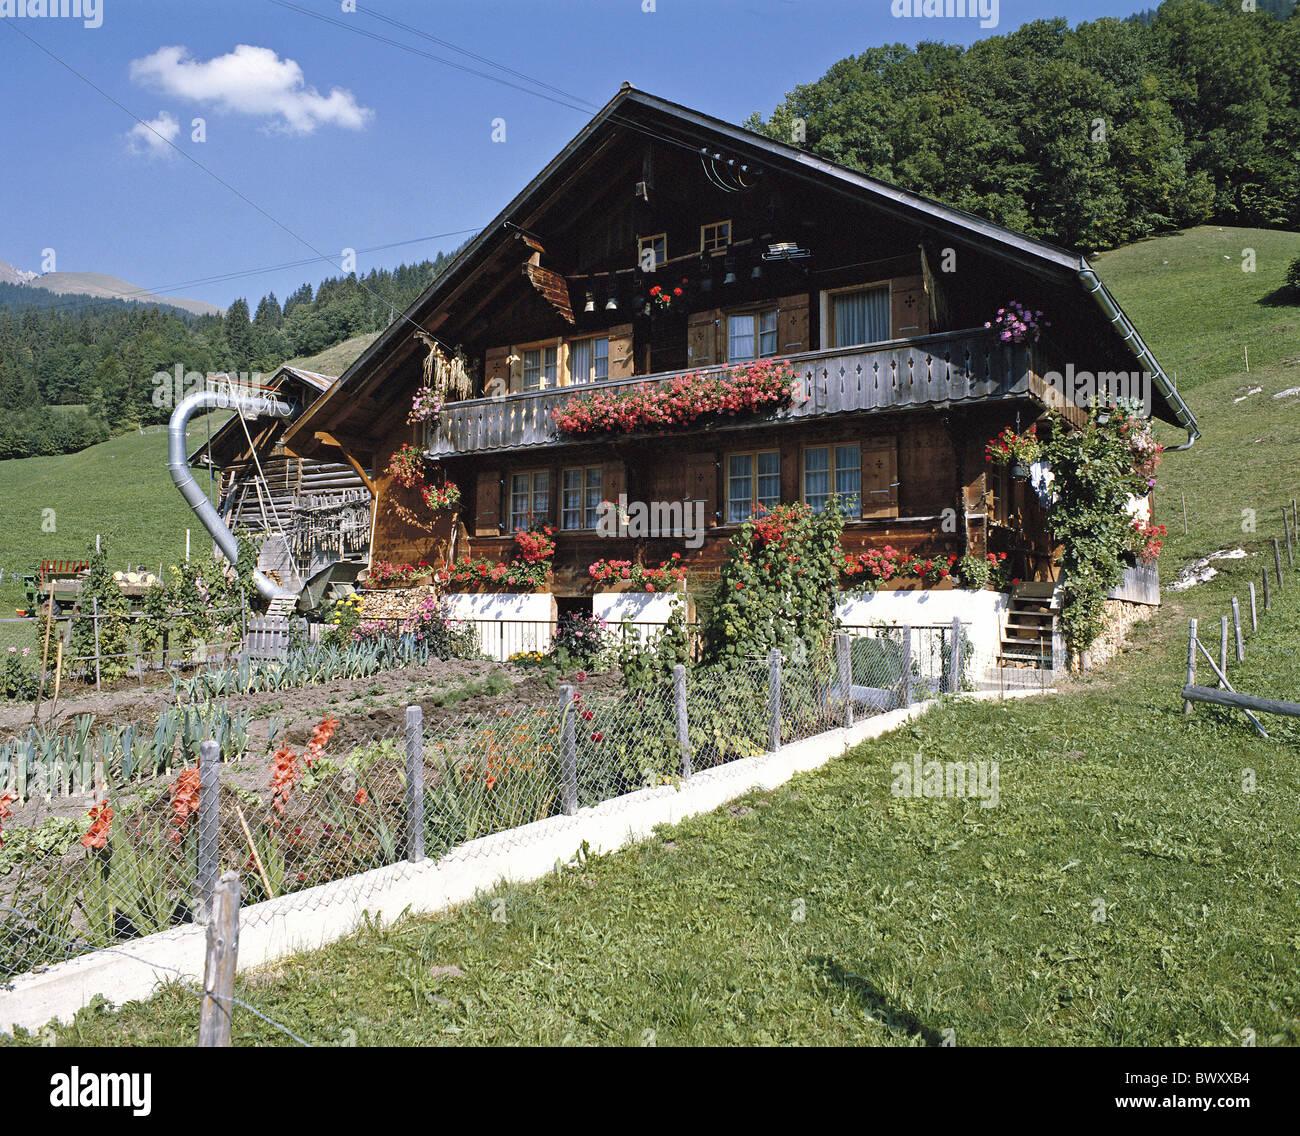 Folclore alquería montañas alquerías flores jardín Suiza Europa Imagen De Stock